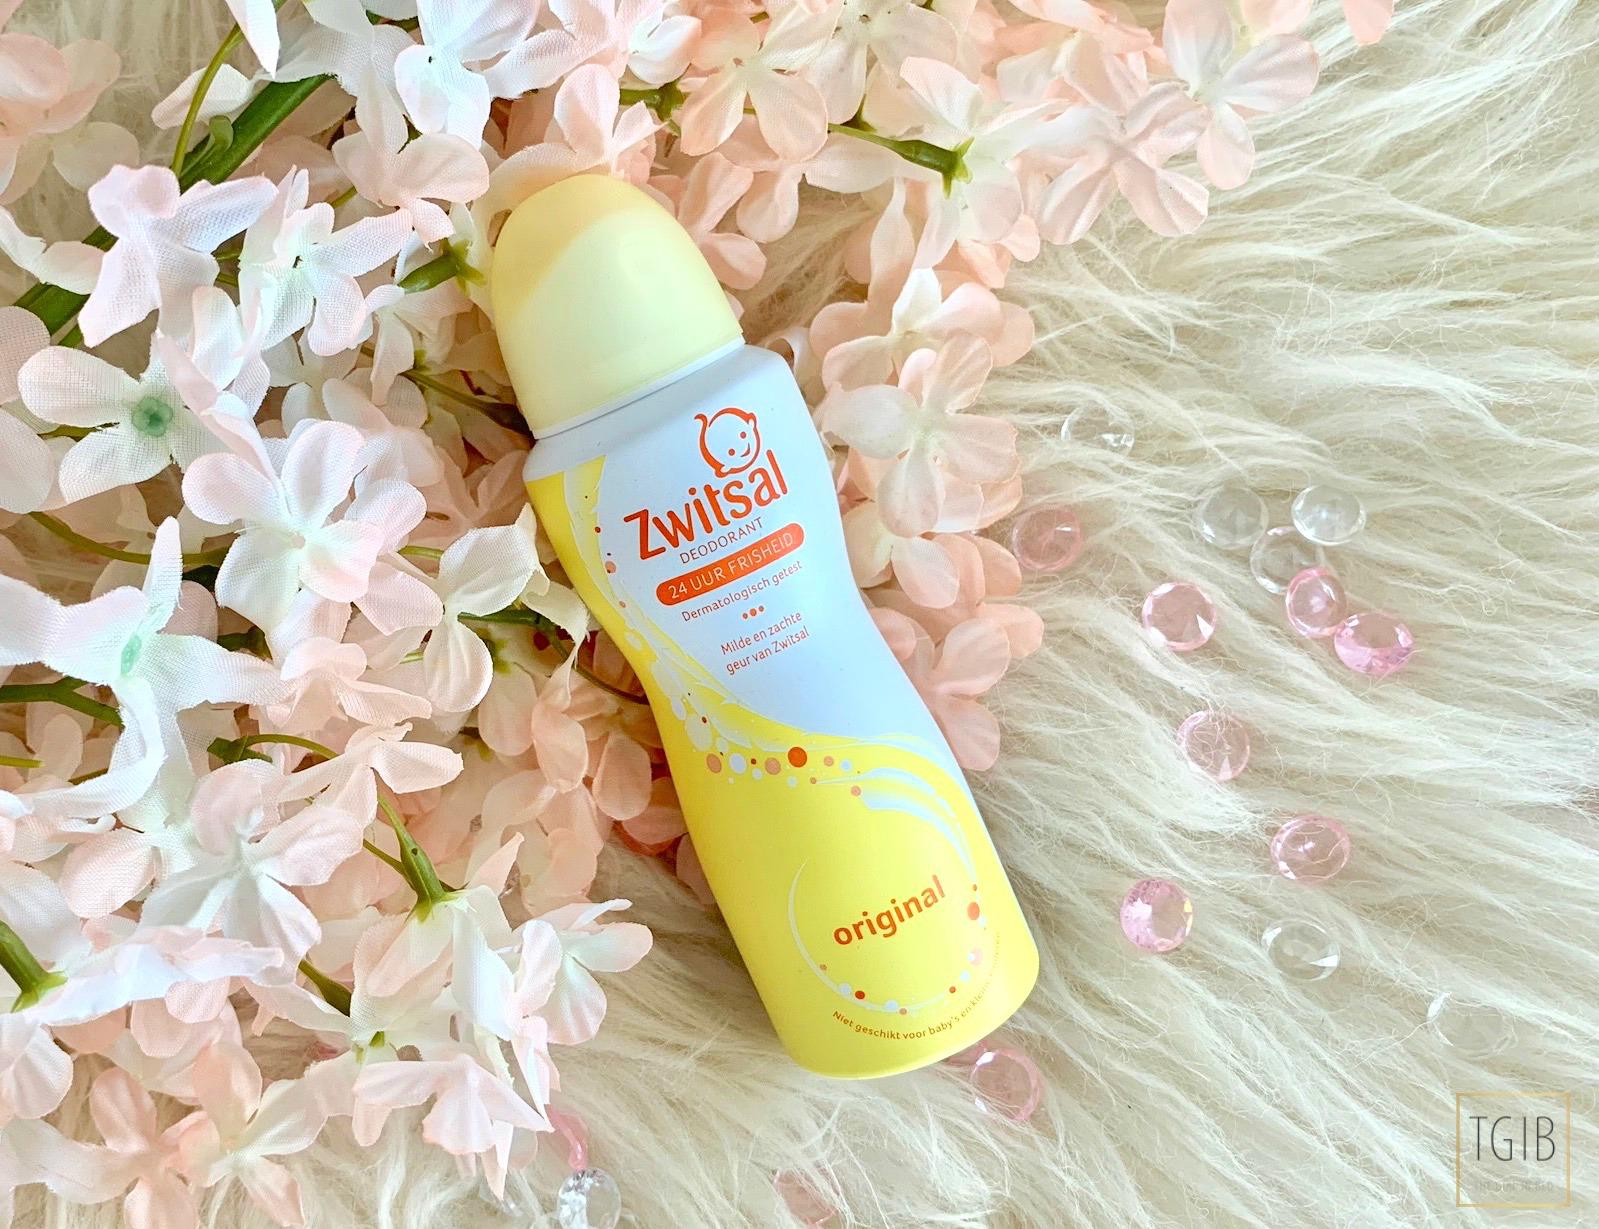 eerste indruk Zwitsal deodorant Original review